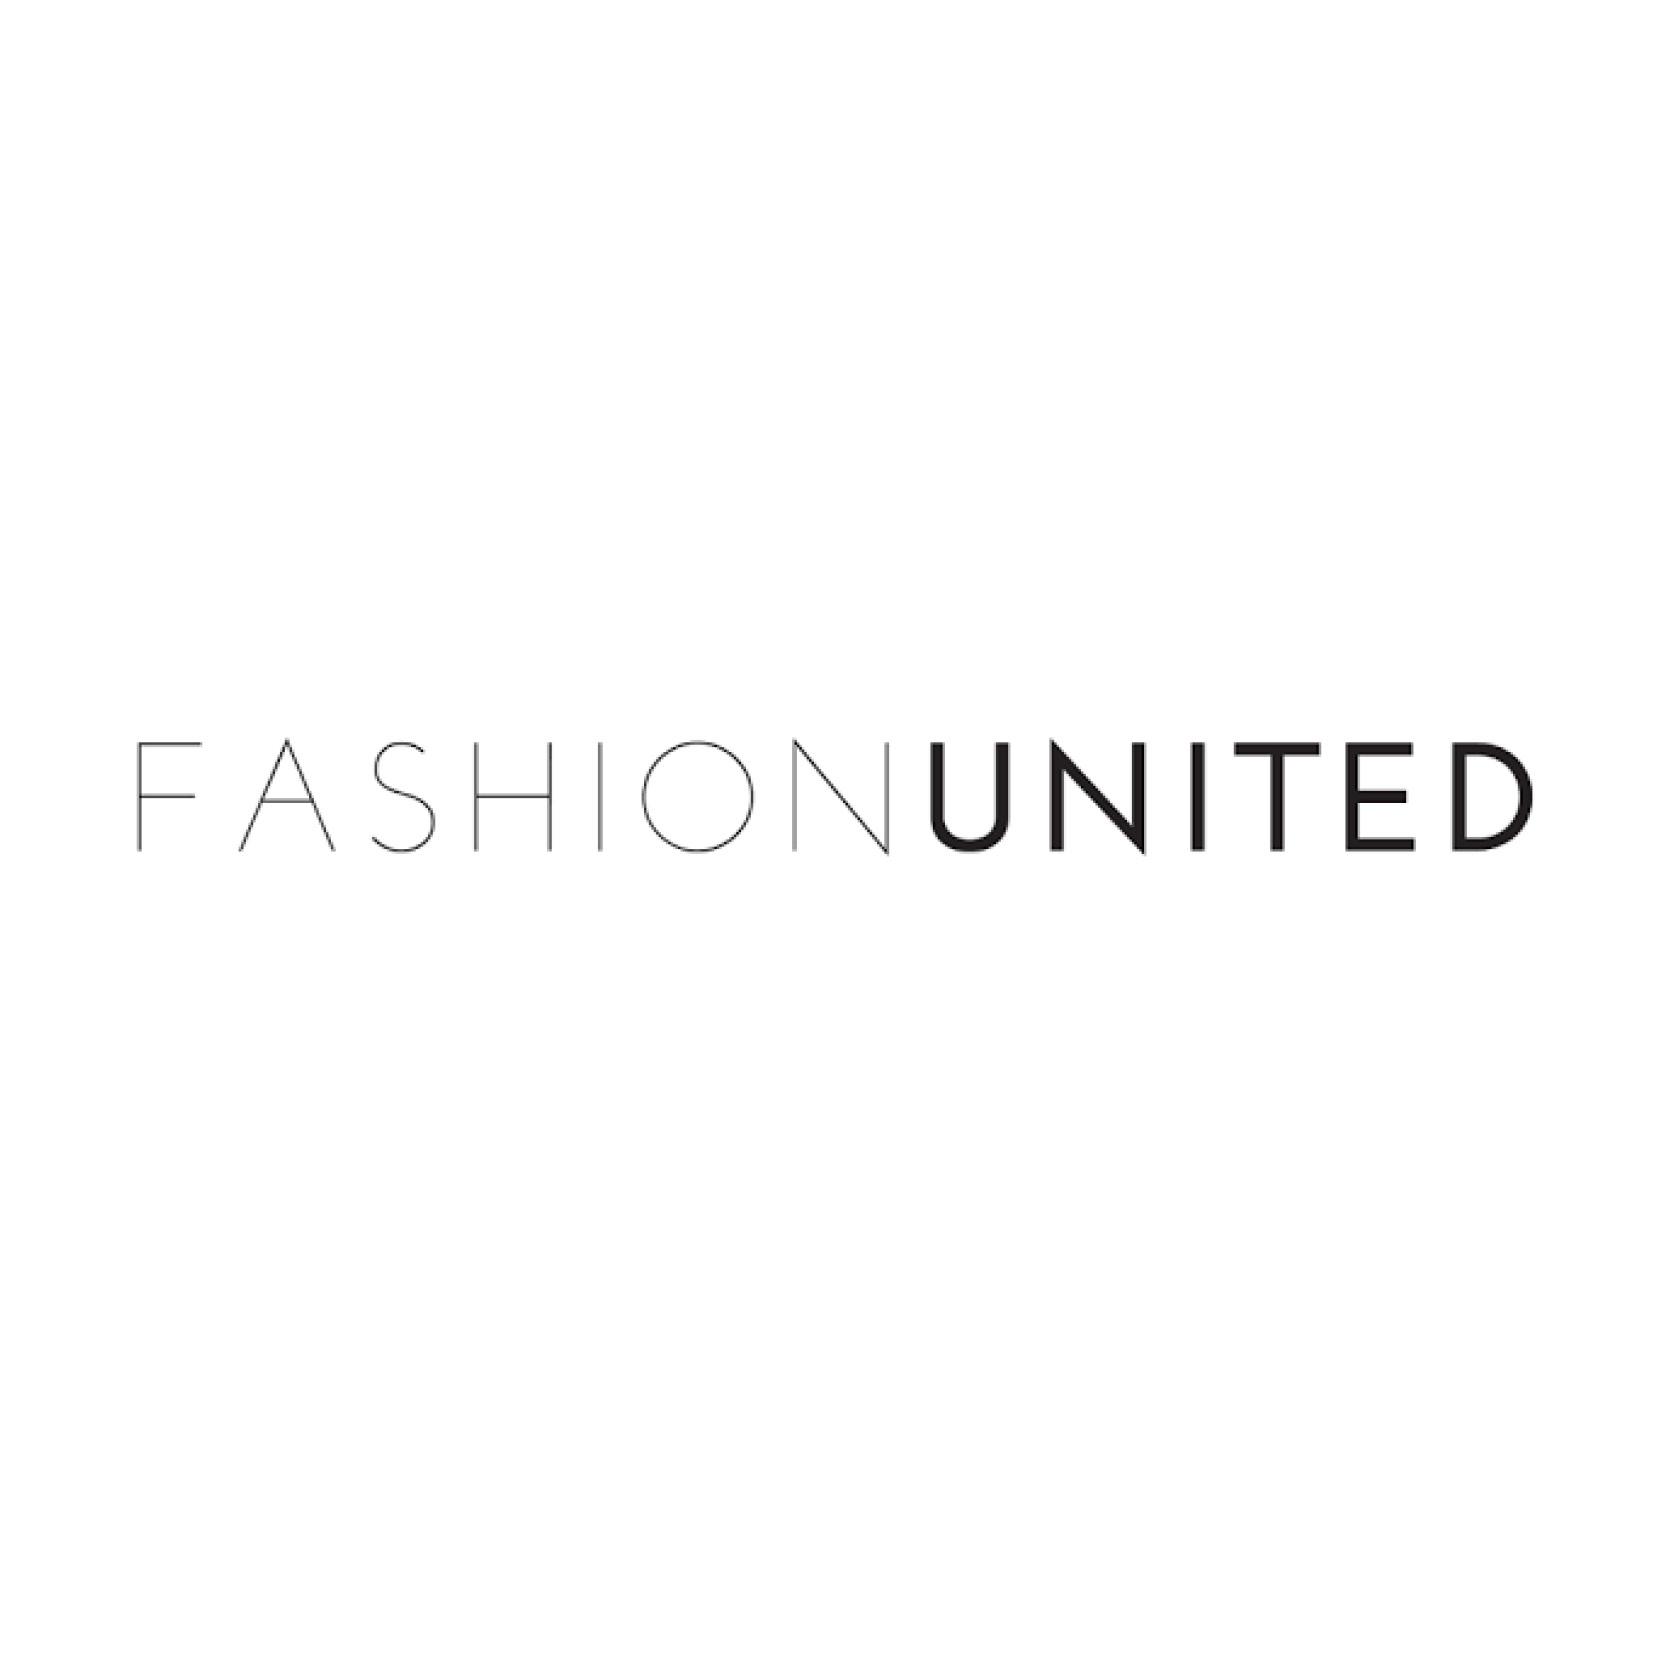 Good People_FashionUnited_